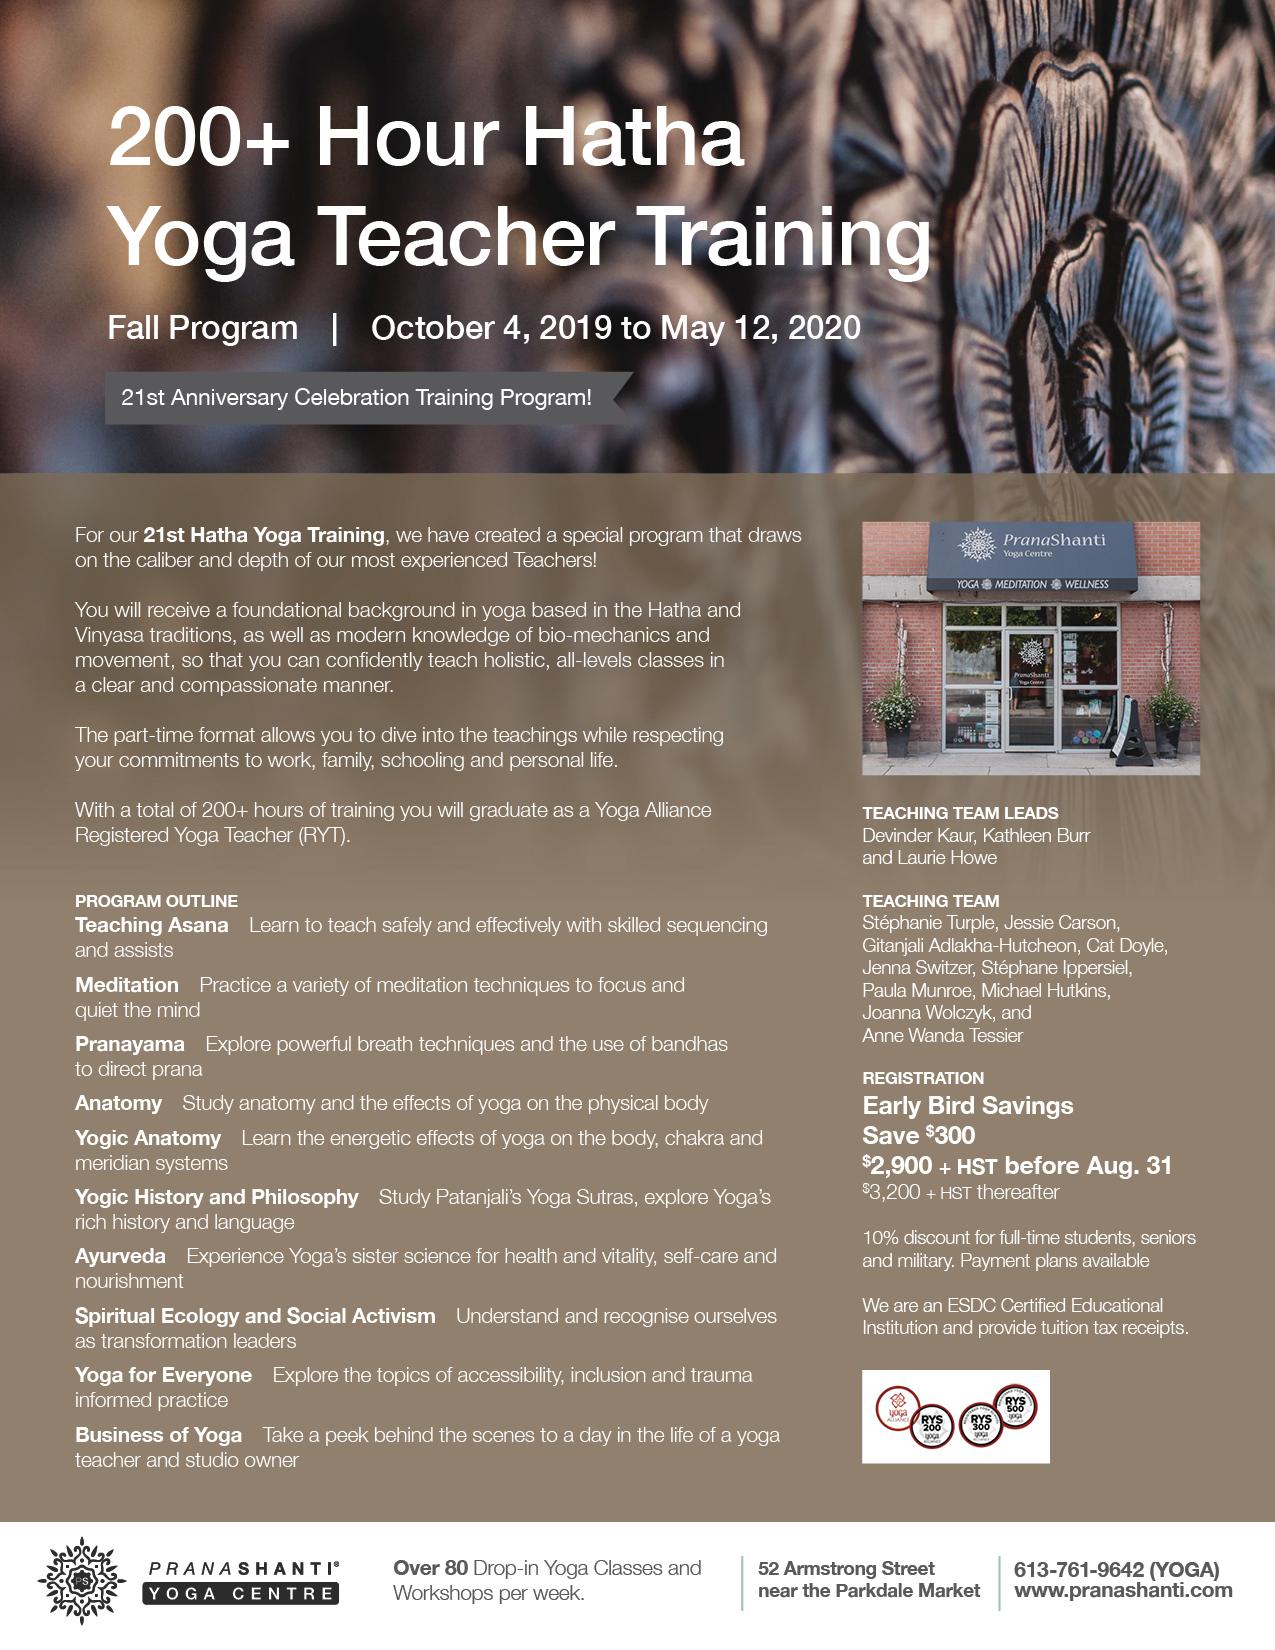 Hatha Yoga Teacher Training Fall Program - PranaShanti Yoga Centre